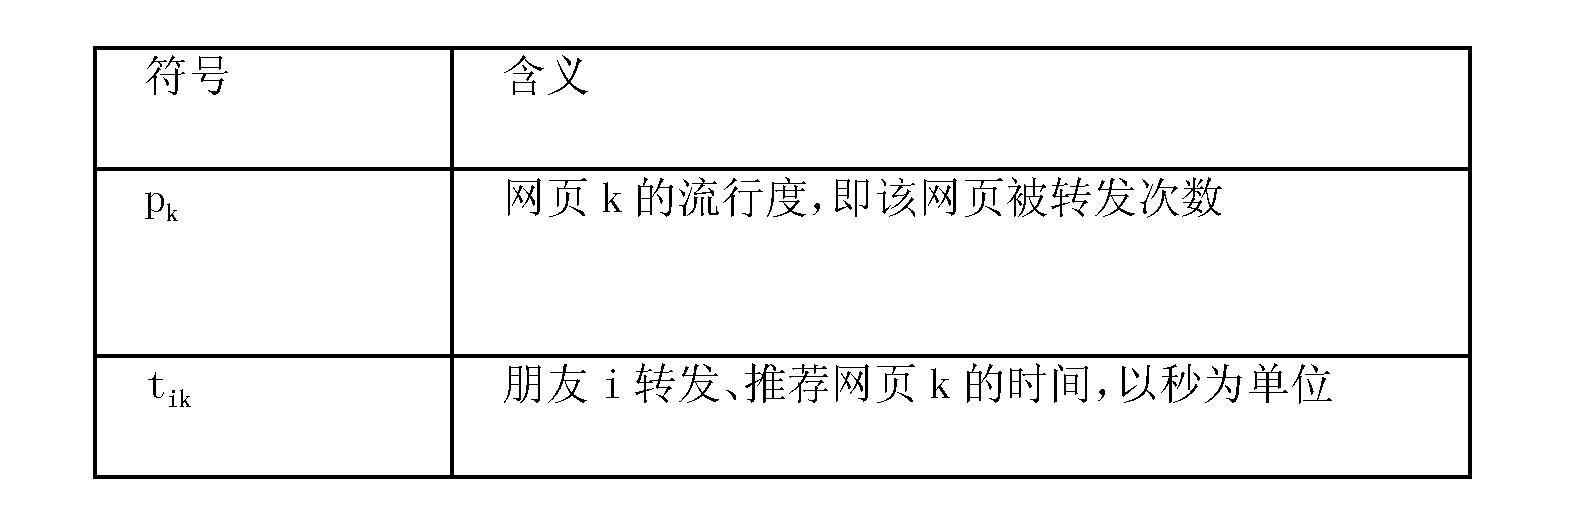 Figure CN102495867BD00062